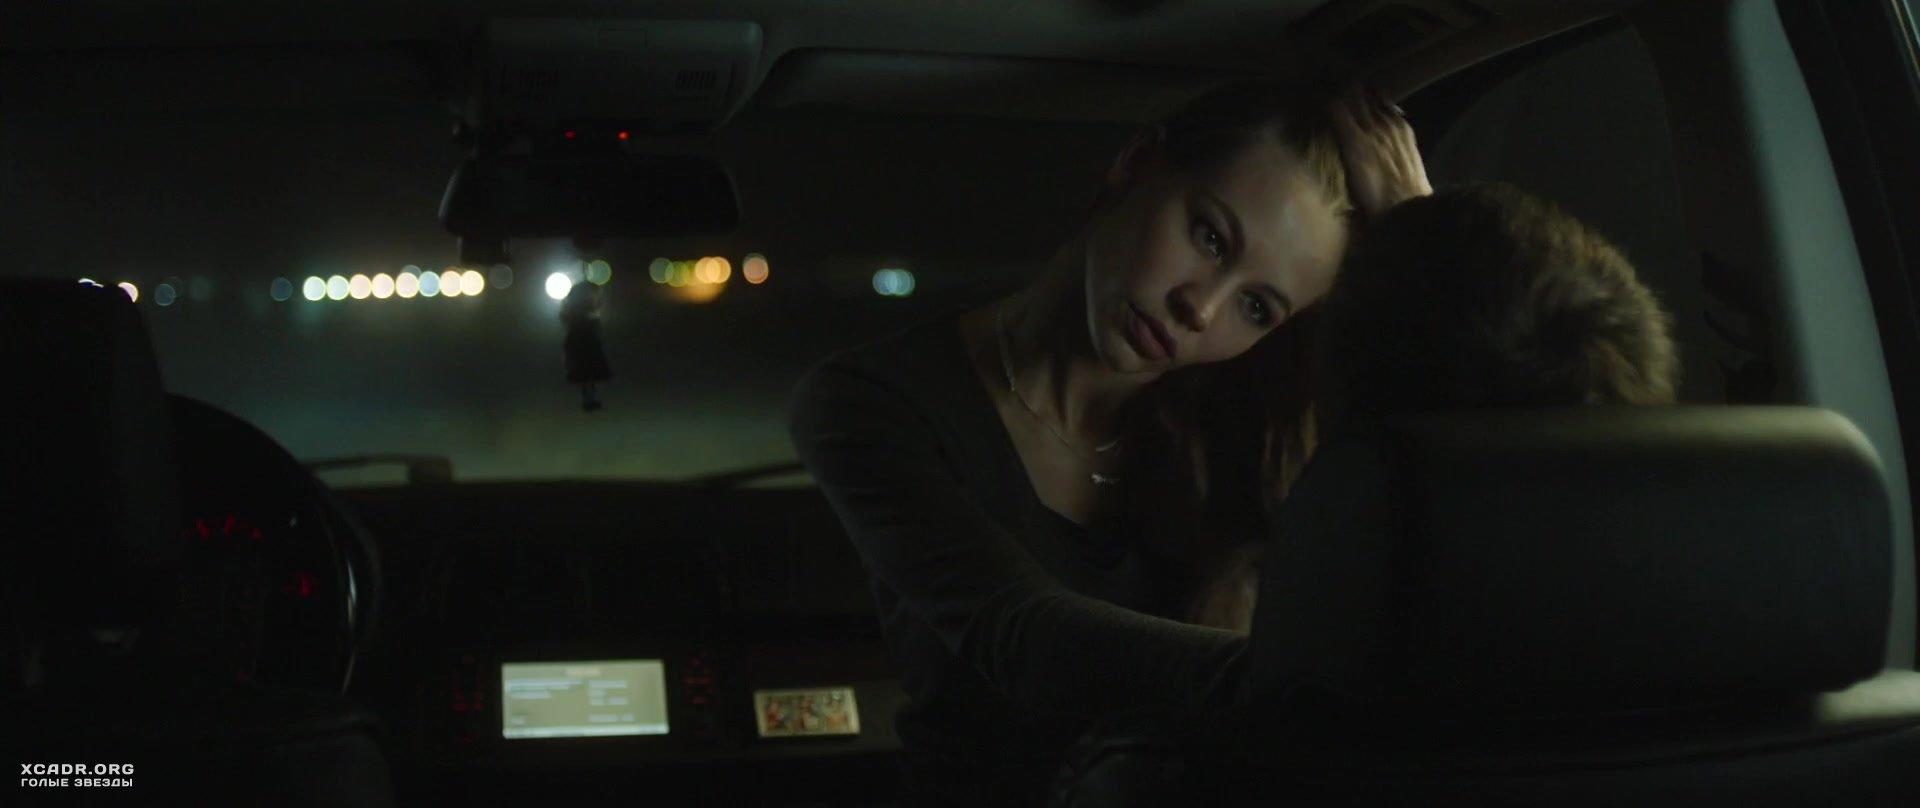 посмотреть проституток фильмы бесплатно